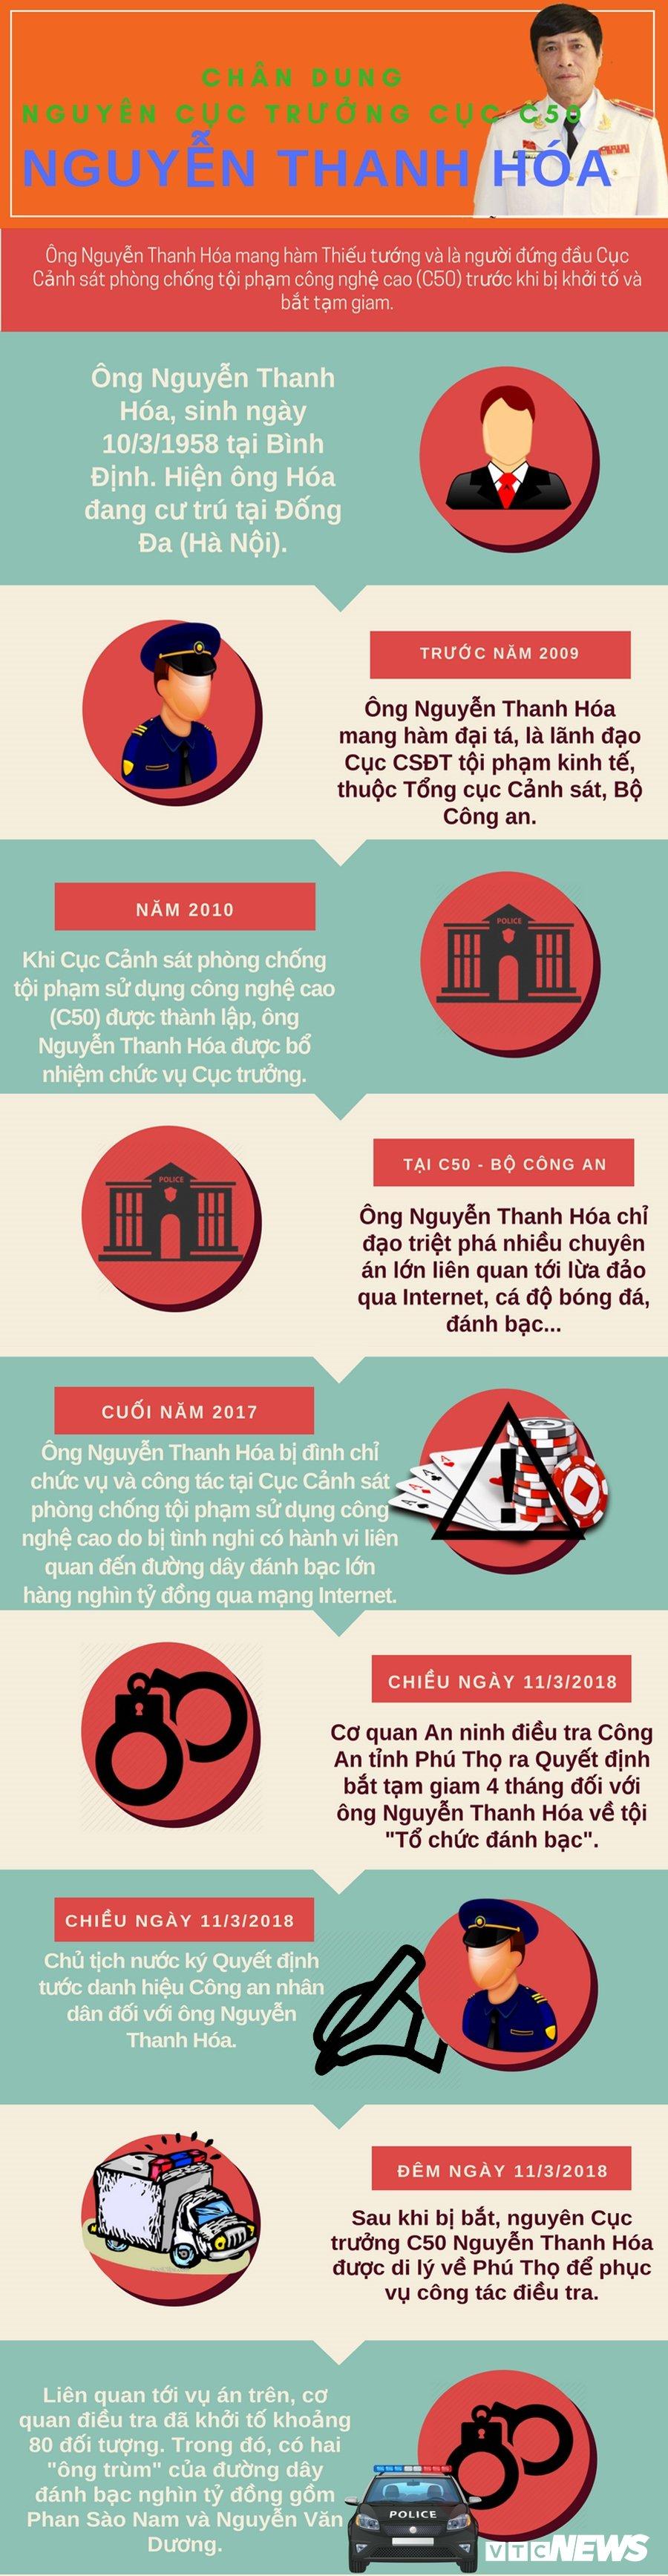 Infographic: Quan lo nguyen Cuc truong C50 Nguyen Thanh Hoa truoc khi bi bat hinh anh 1